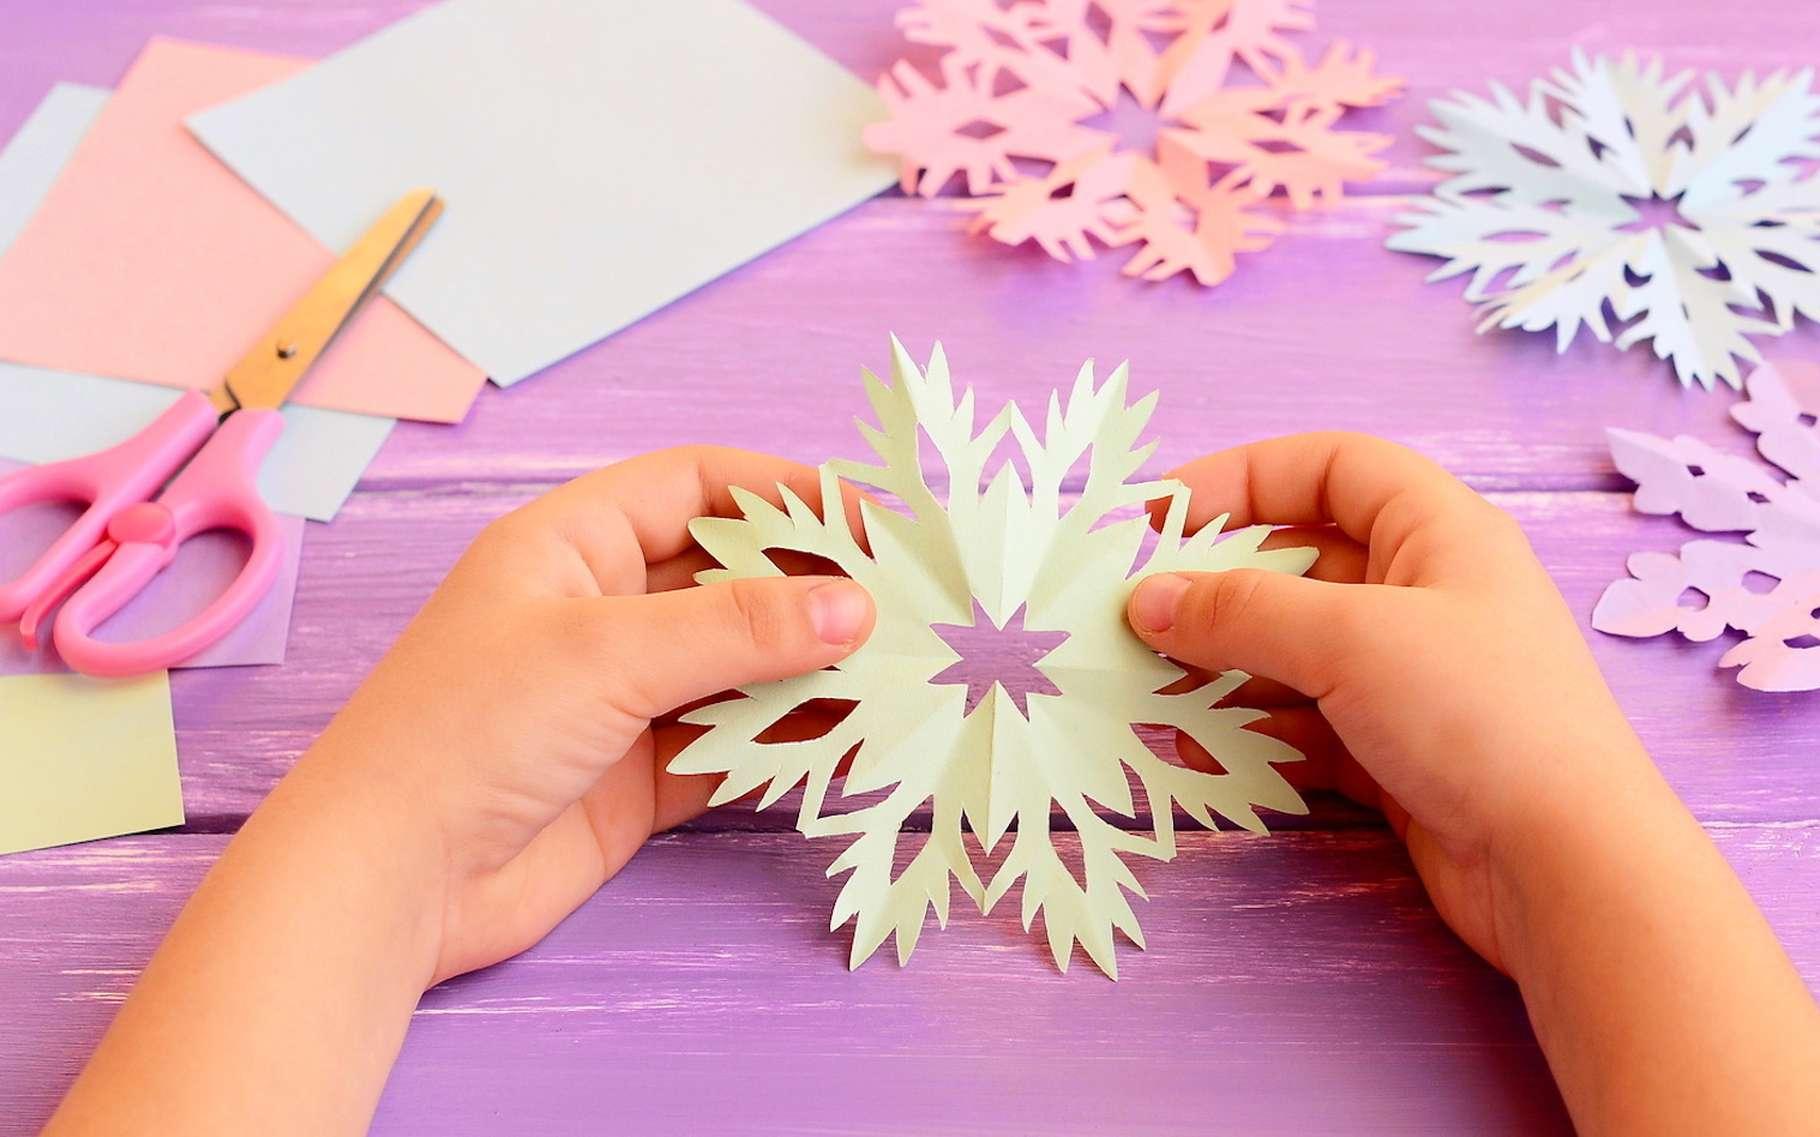 Le kirigami est l'art du découpage du papier. Les chercheurs comptent sur cet art pour concevoir des matériaux complexes. © onlynuta, Fotolia